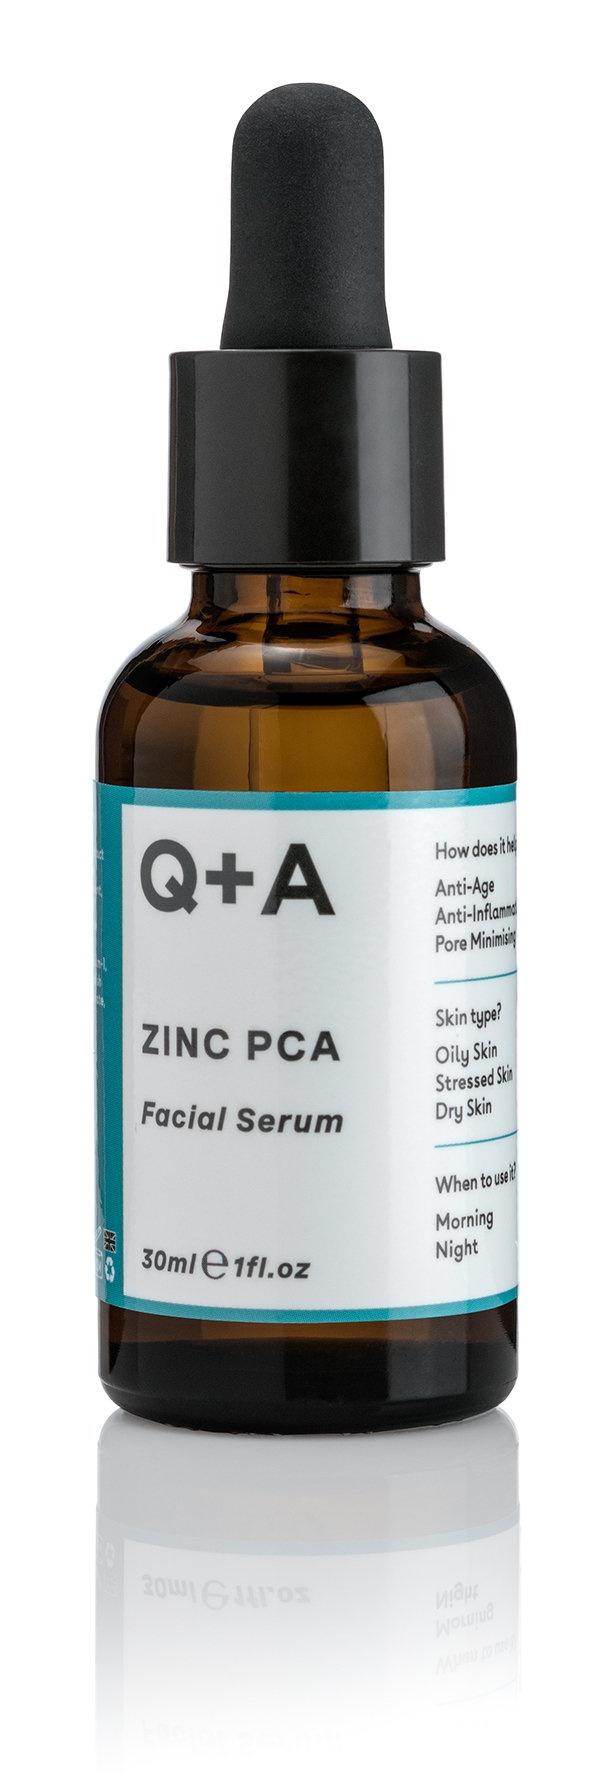 Q+A Zinc Pca Facial Serum